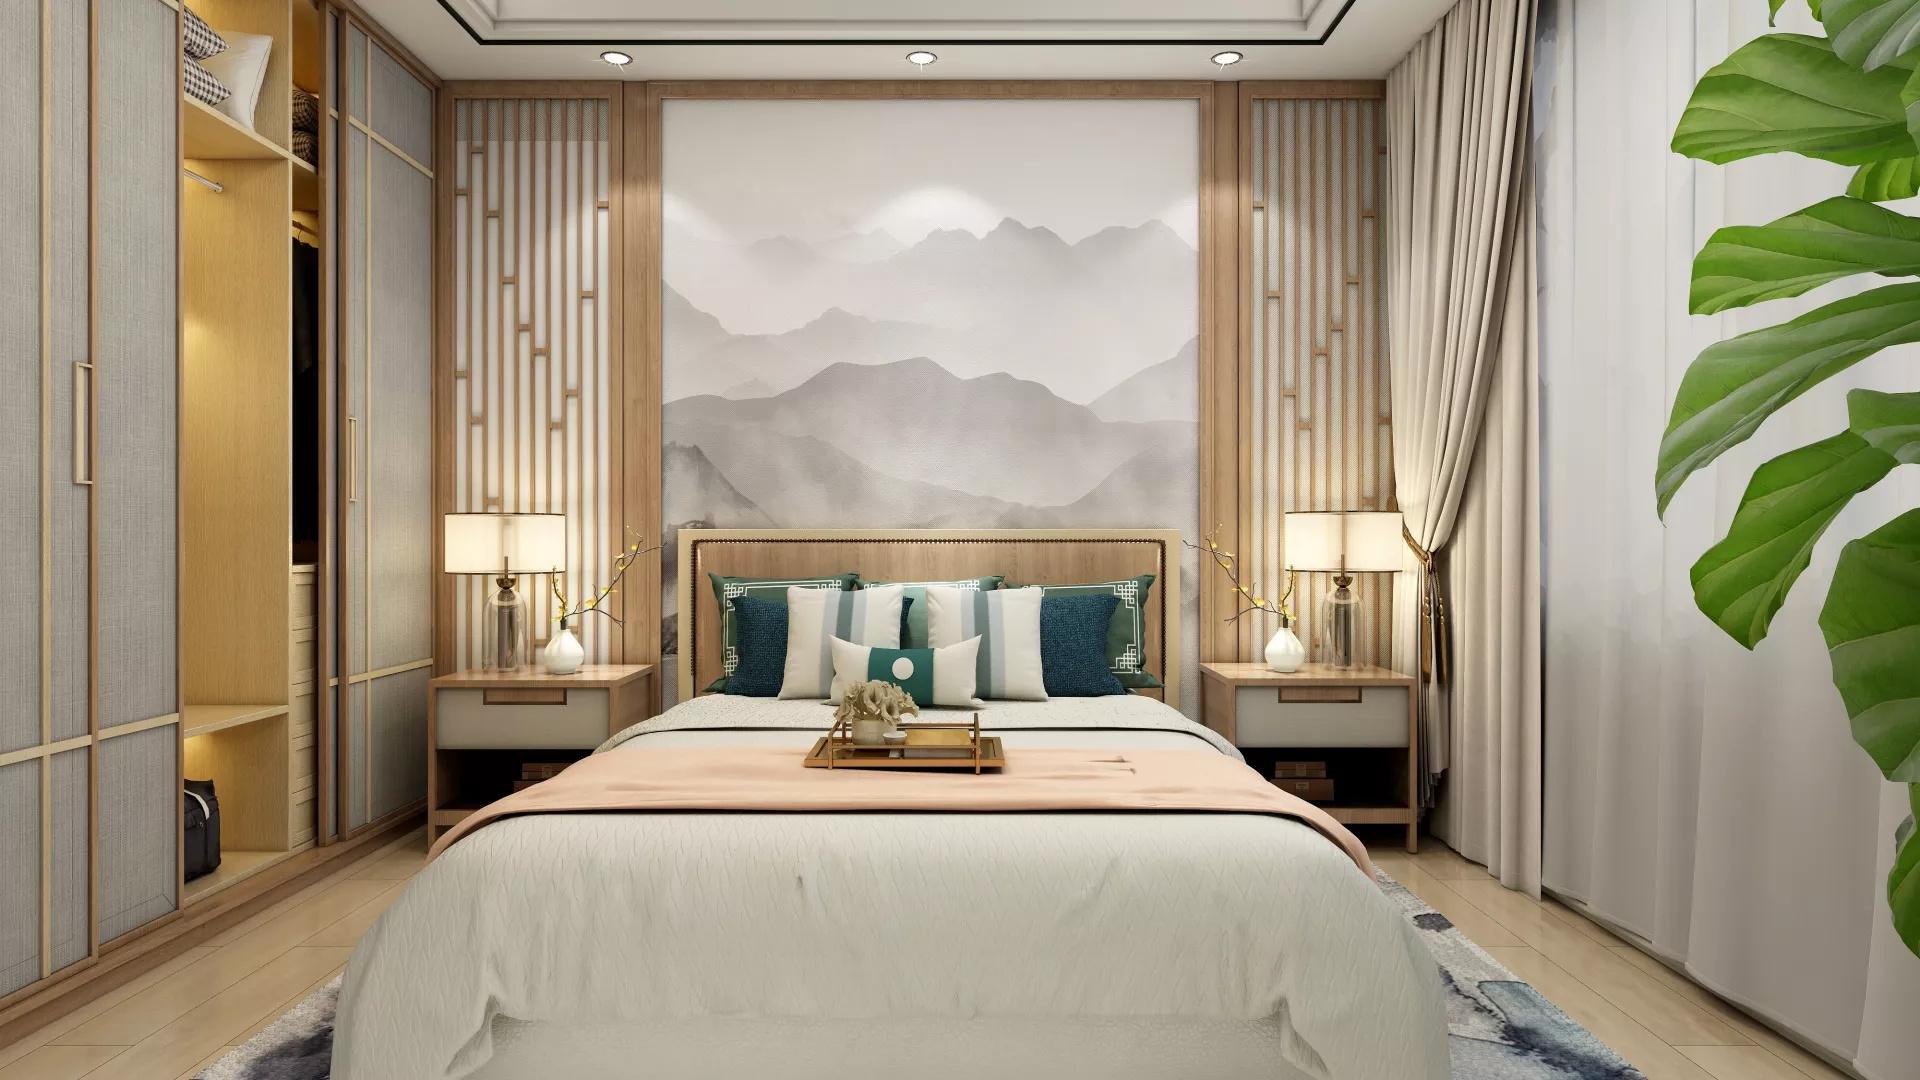 中式风格客厅装修技巧 客厅装修的注意事项